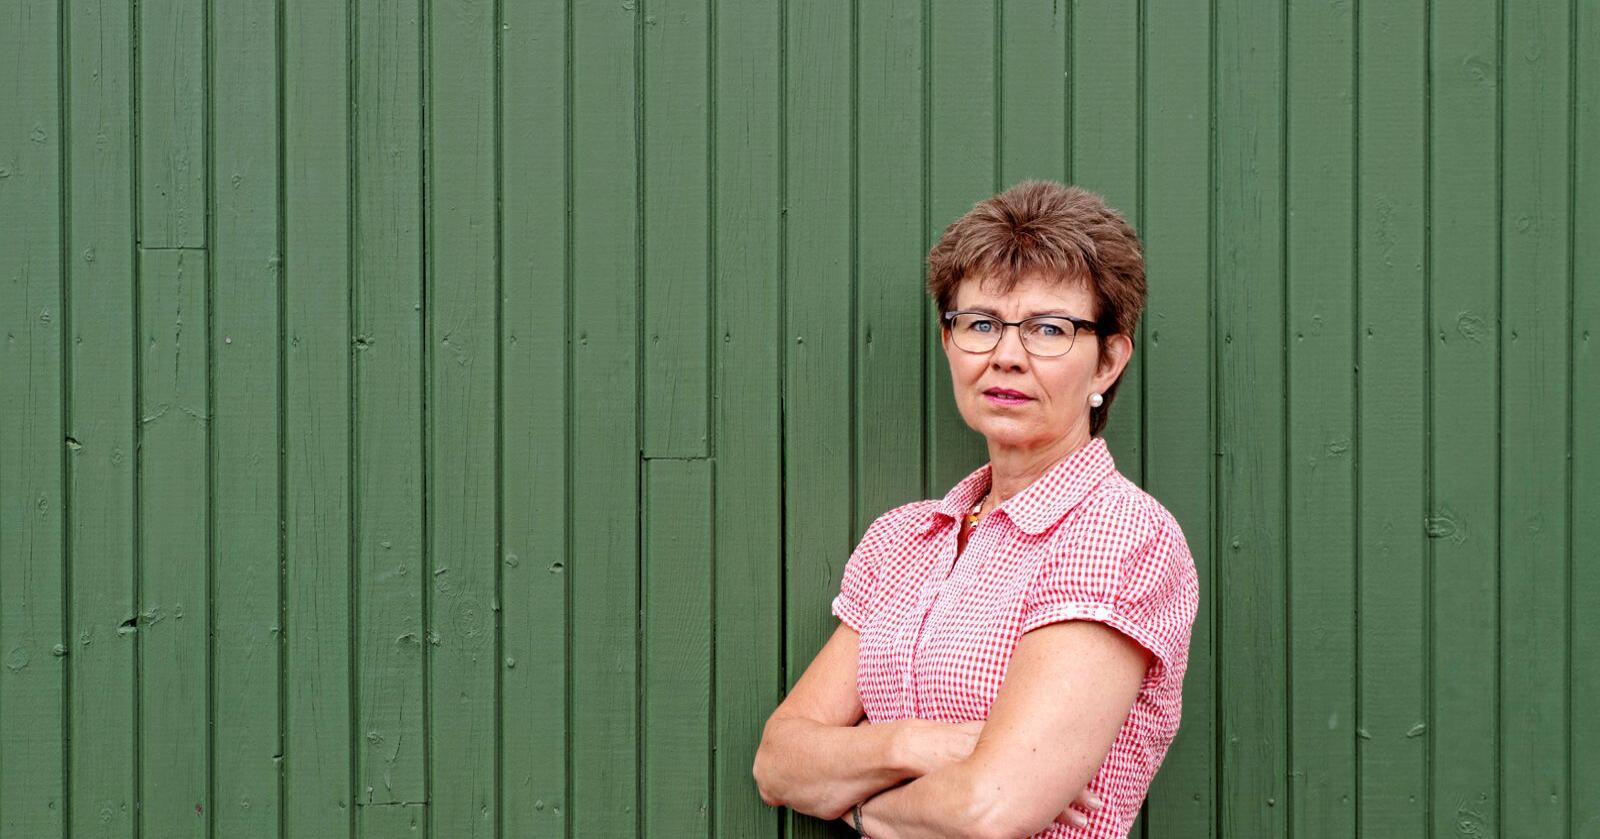 Kathrine Kleveland seier at om ikkje samarbeidet med EU leverer klimakutt i Noreg snart, bør Noreg trekkje seg frå EUs kvotemarknad. Foto: Vidar Sandnes